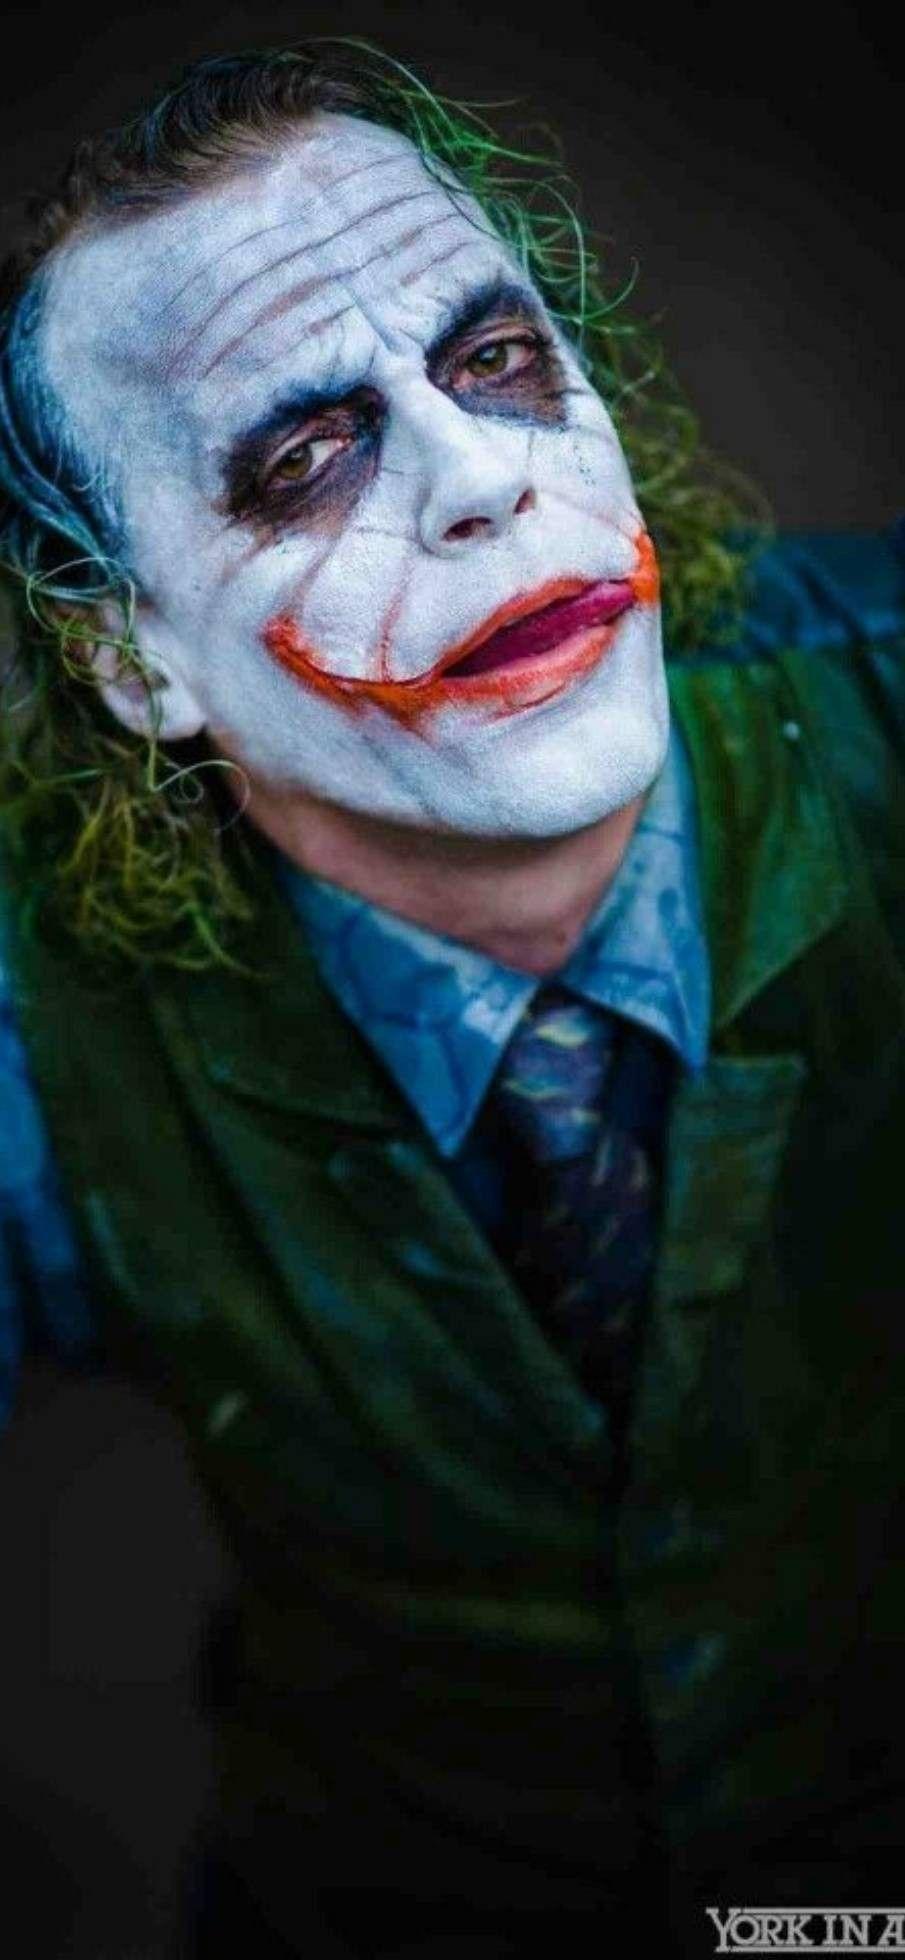 Joker 4k ultra hd wallpapers top free